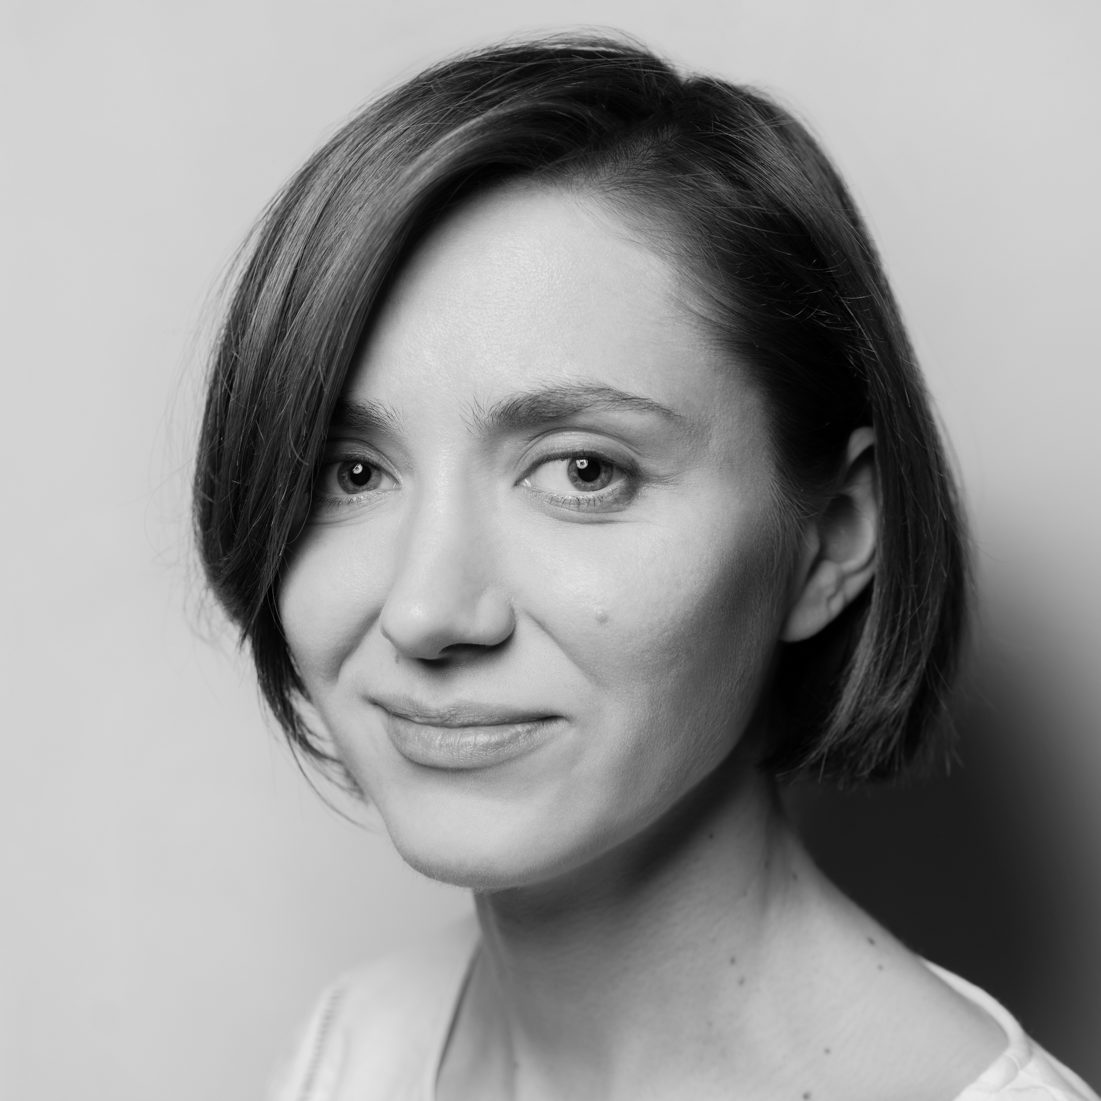 Karolina Mazurkiewicz